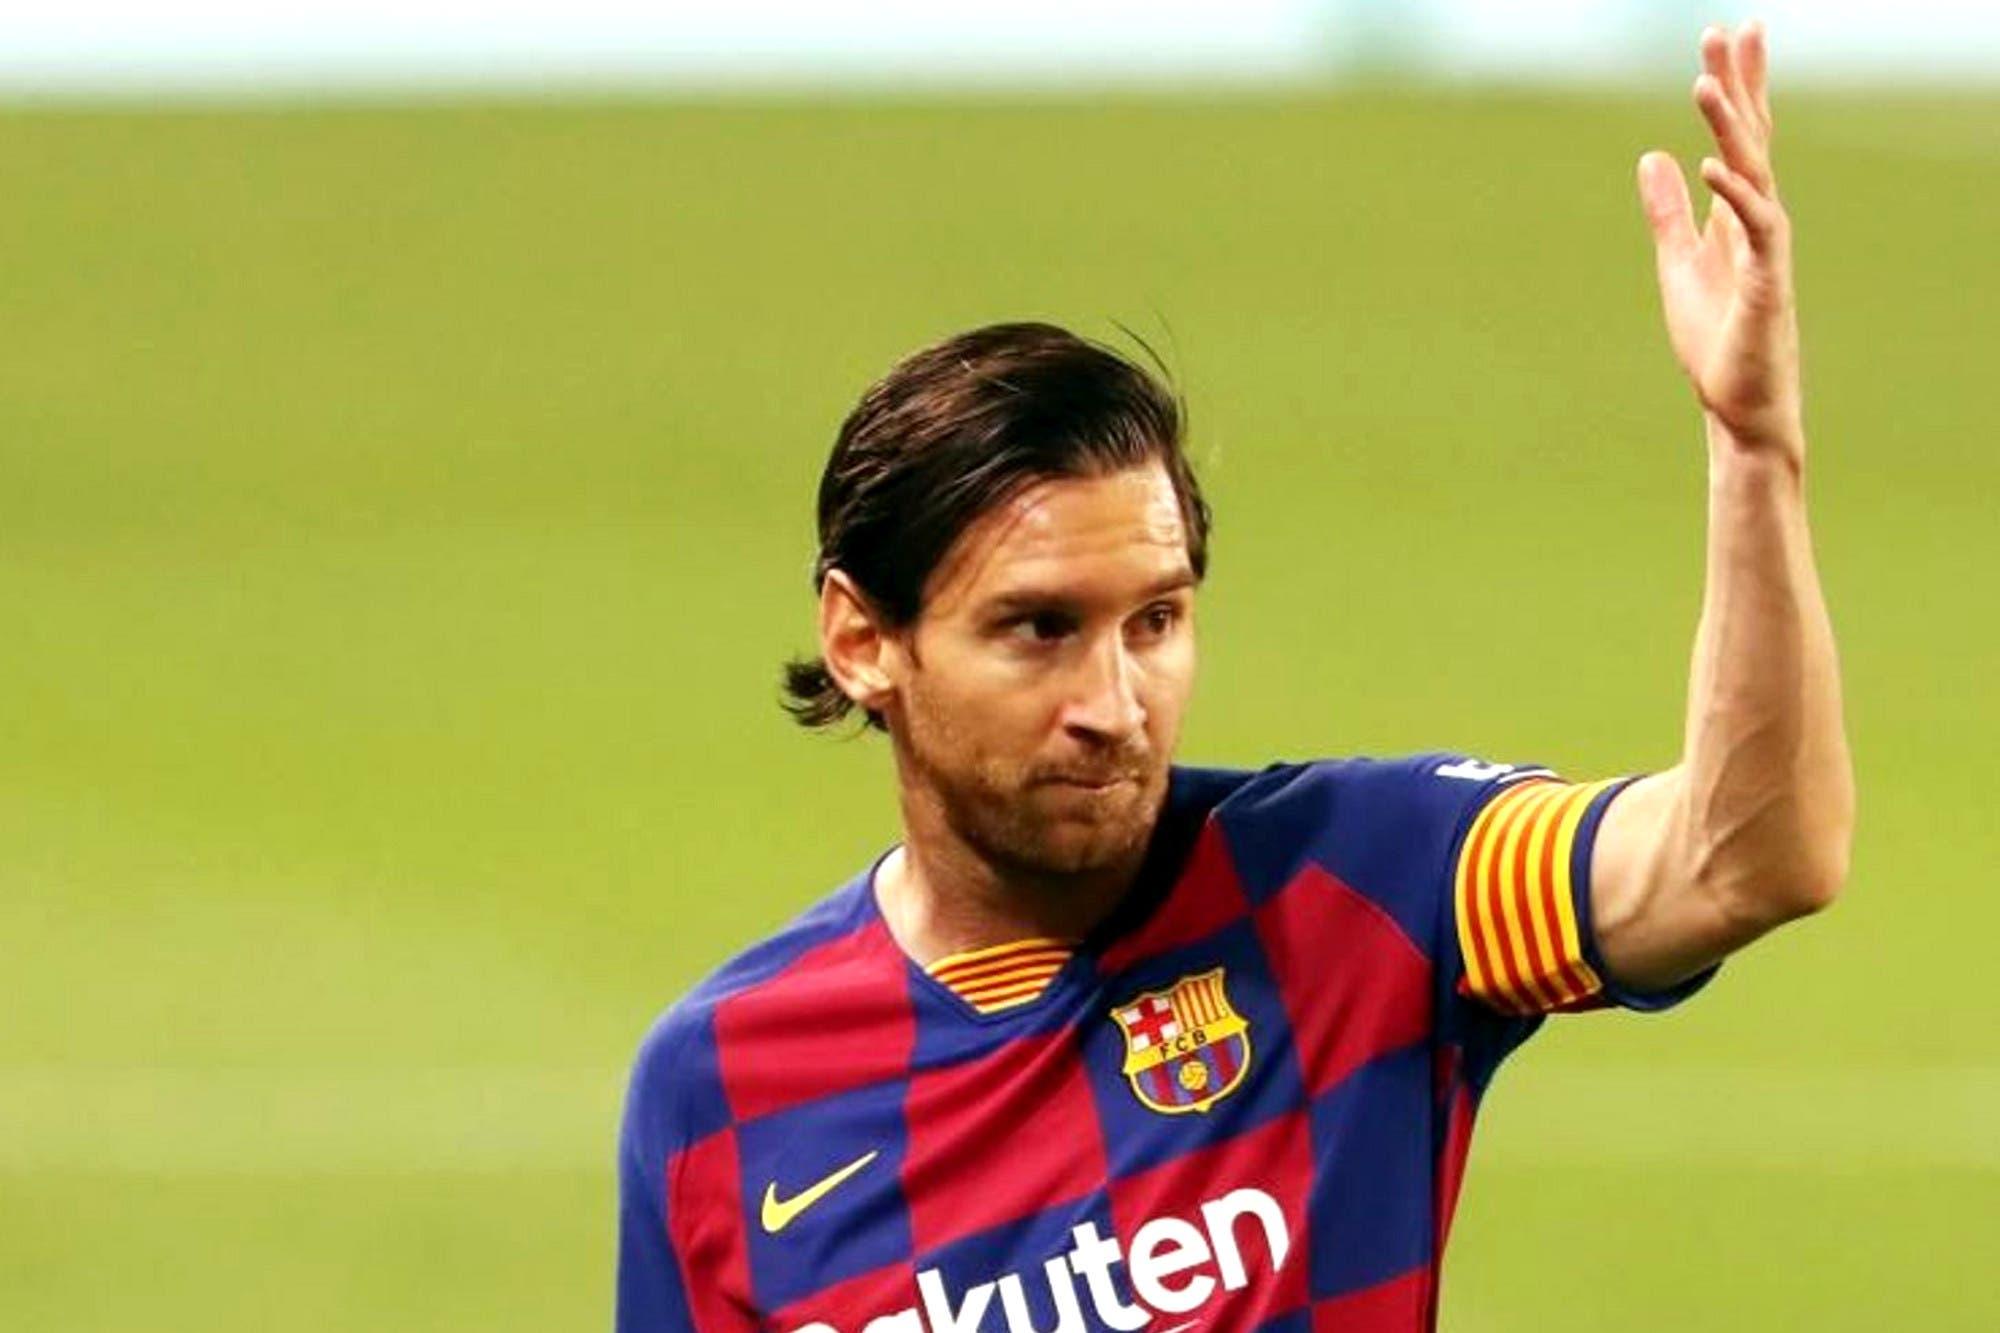 Lionel Messi va por el gol 700: cómo ver EN VIVO Barcelona-Athletic Bilbao por La Liga española